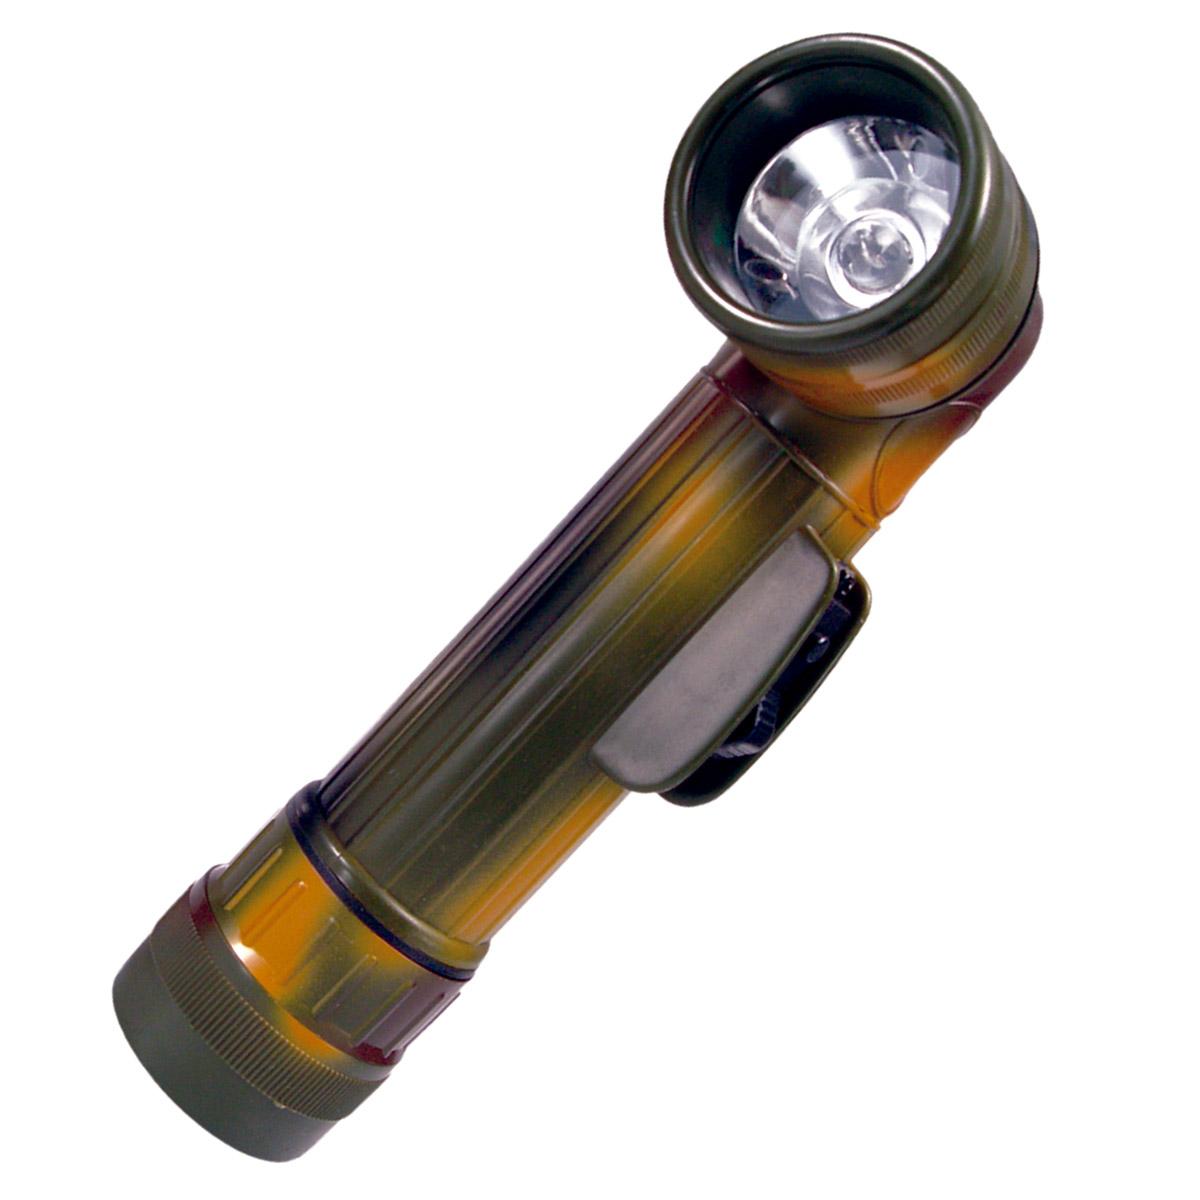 WD9512 - Lanterna em L com Lentes Coloridas WD 9512 - CSR